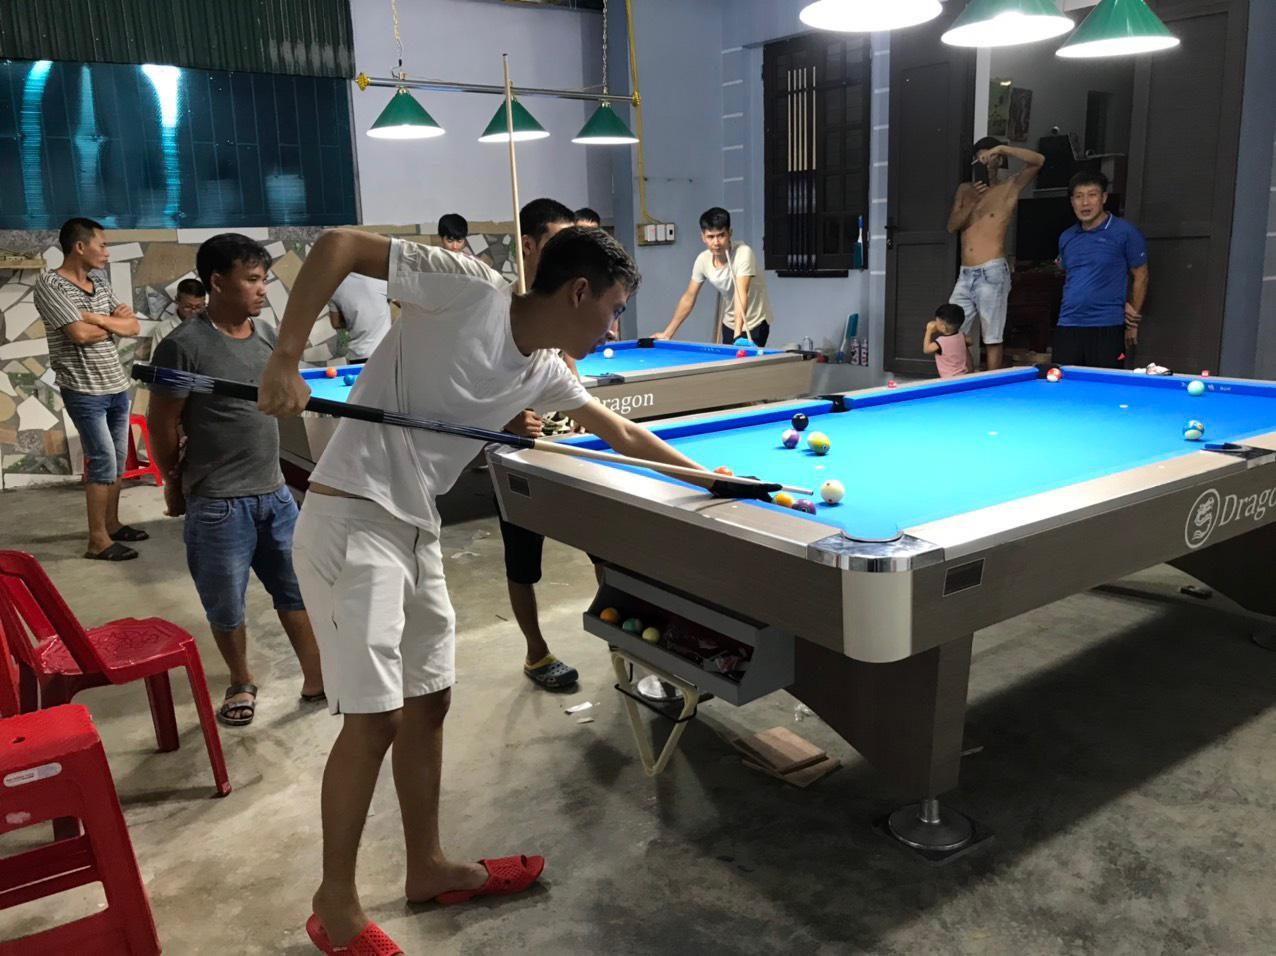 Billiards Hoàn Thúy lắp đặt 2 bàn Dragon tại Ý Yên, Nam Định